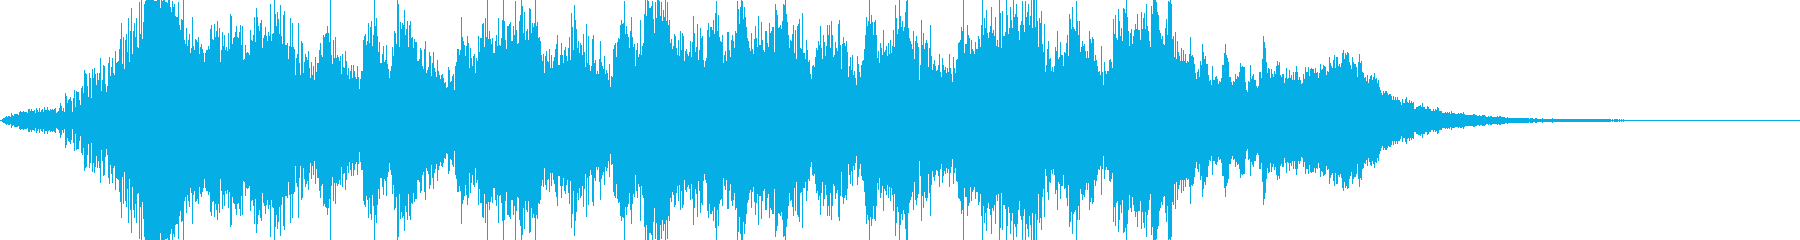 オーケストラ調、クリアジングルの再生済みの波形